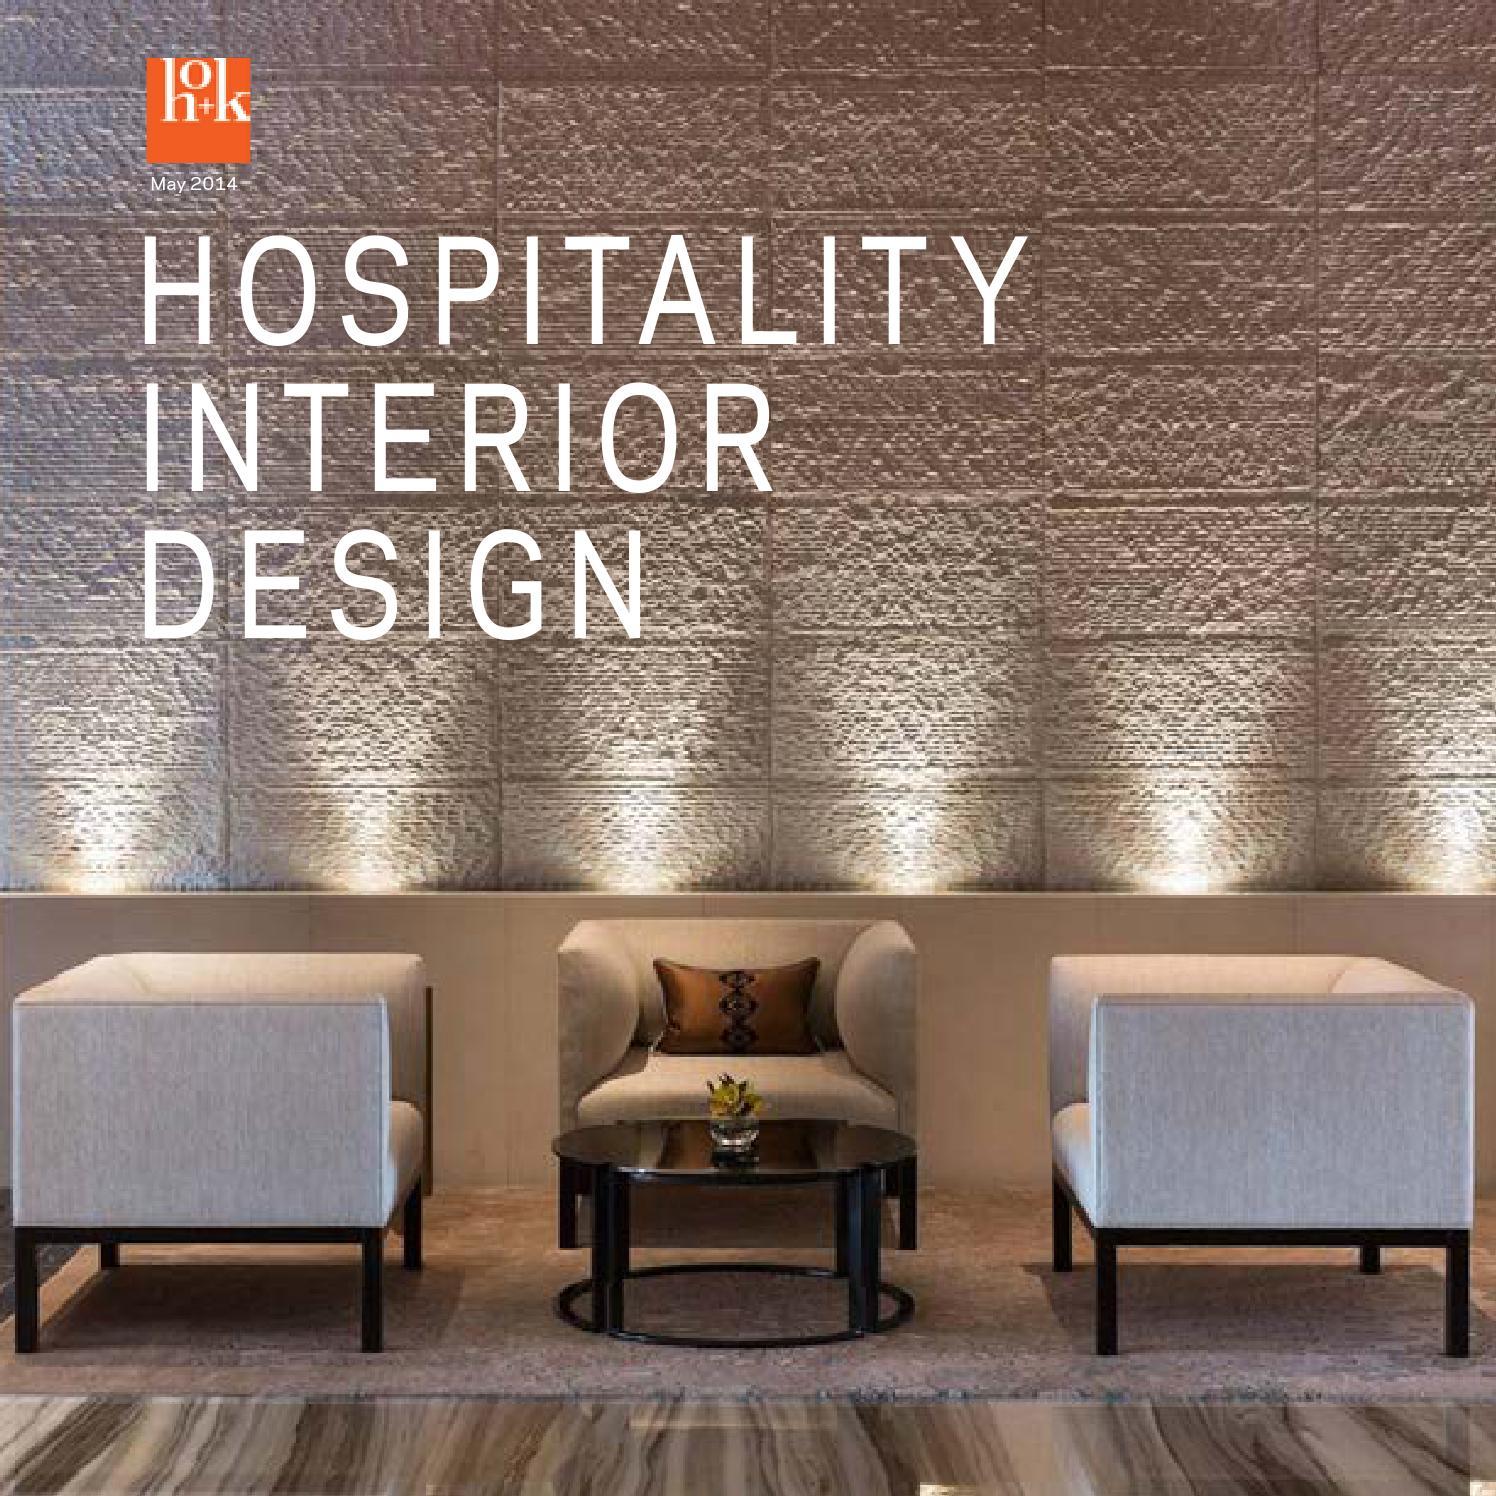 Hok hospitality interior design by hok marketing issuu for Hospitality interior design